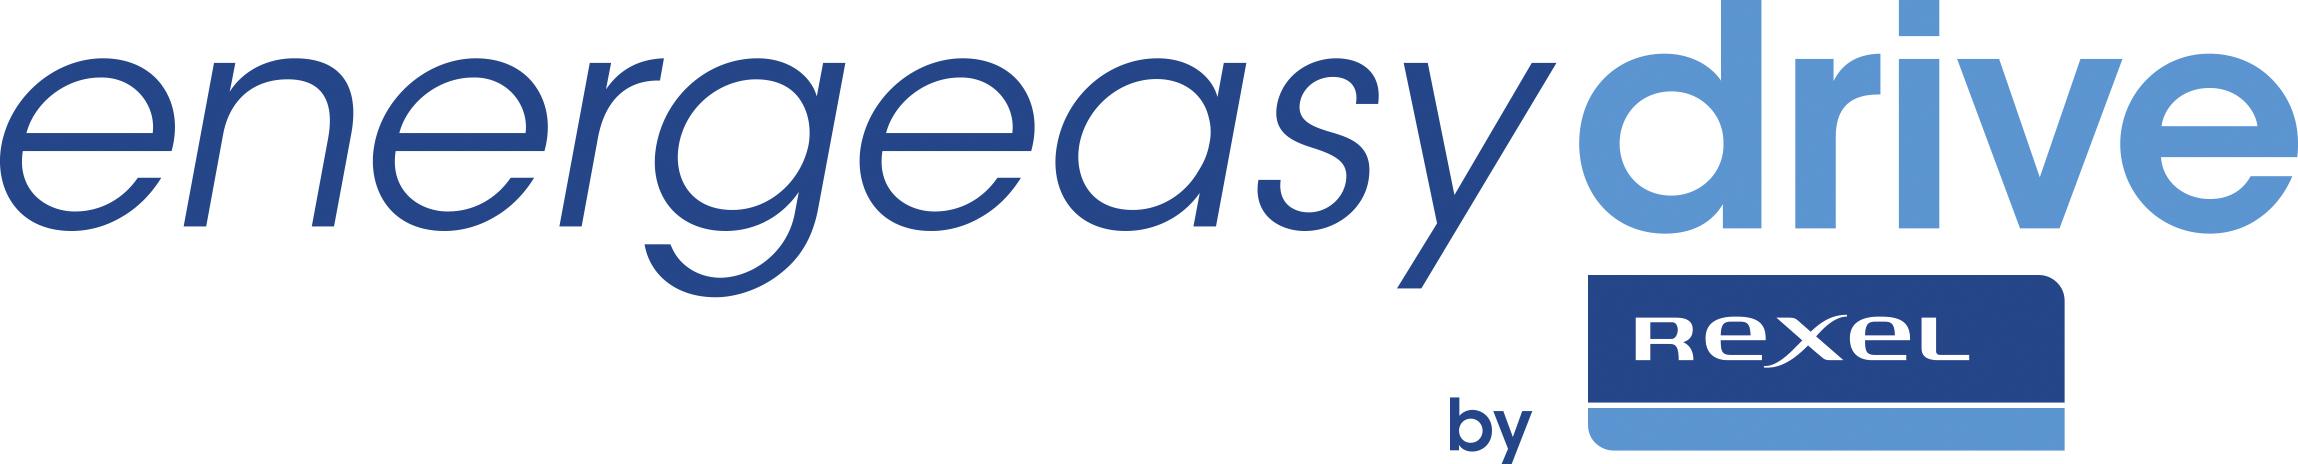 energeasy_drive_logo.jpg